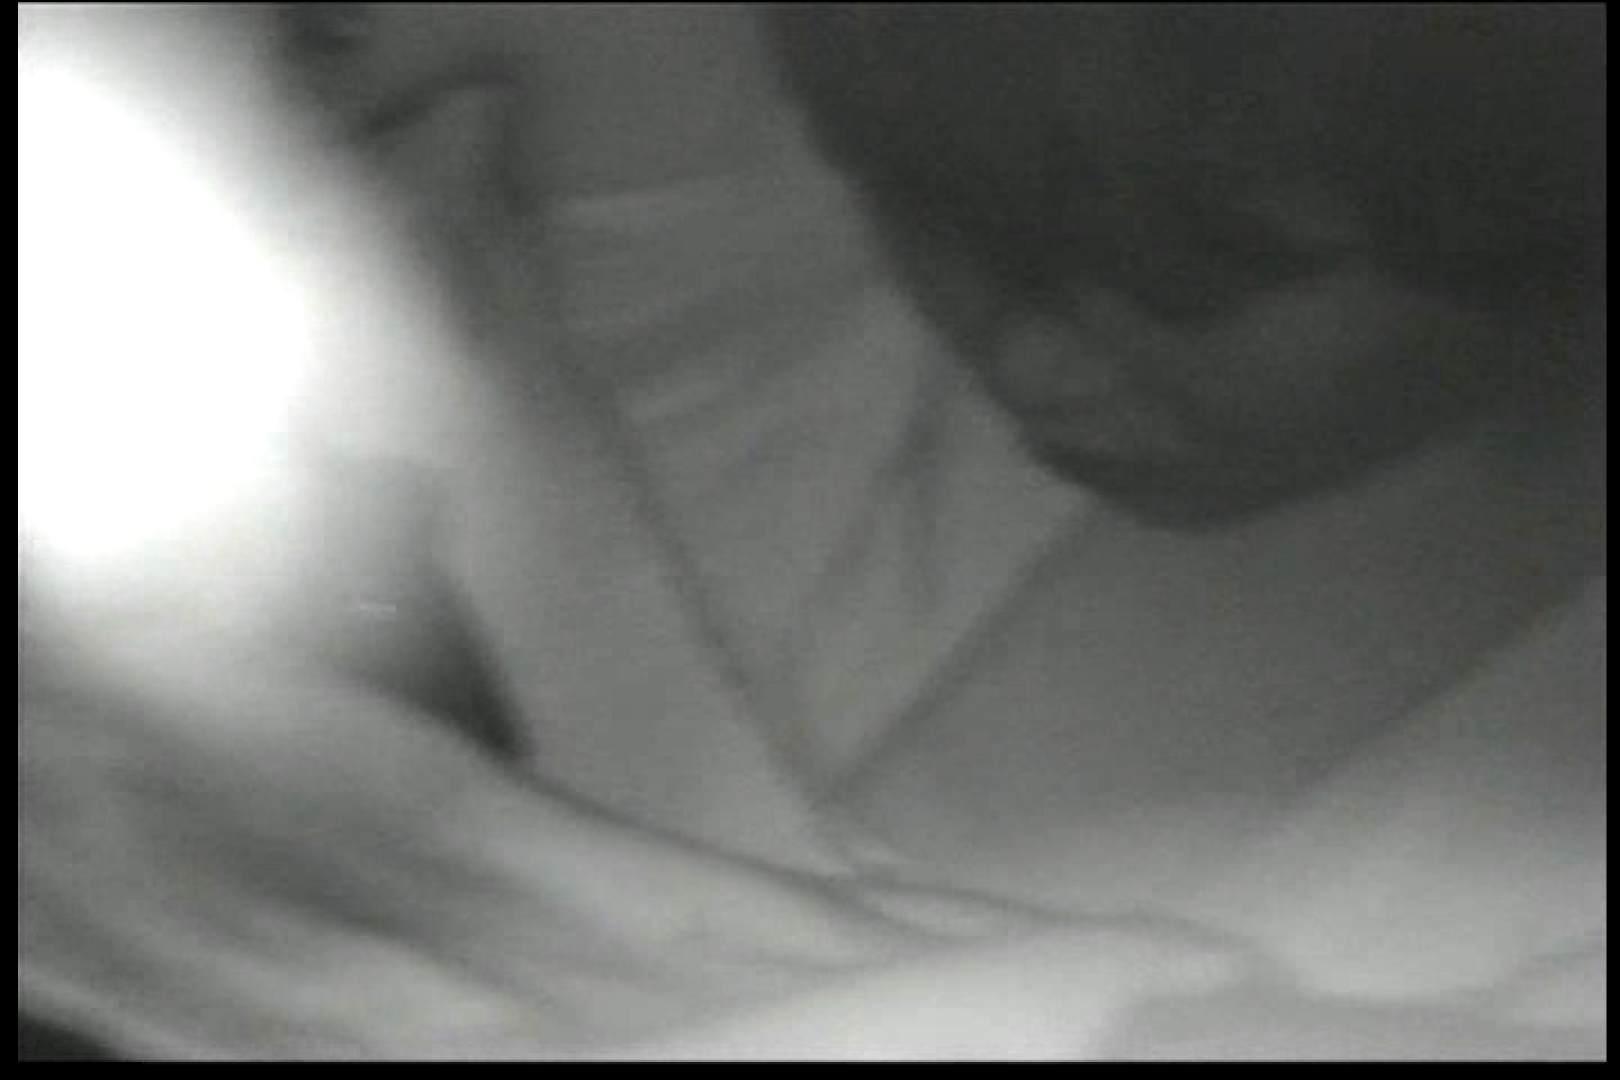 車の中はラブホテル 無修正版  Vol.12 ホテル隠し撮り すけべAV動画紹介 87pic 53